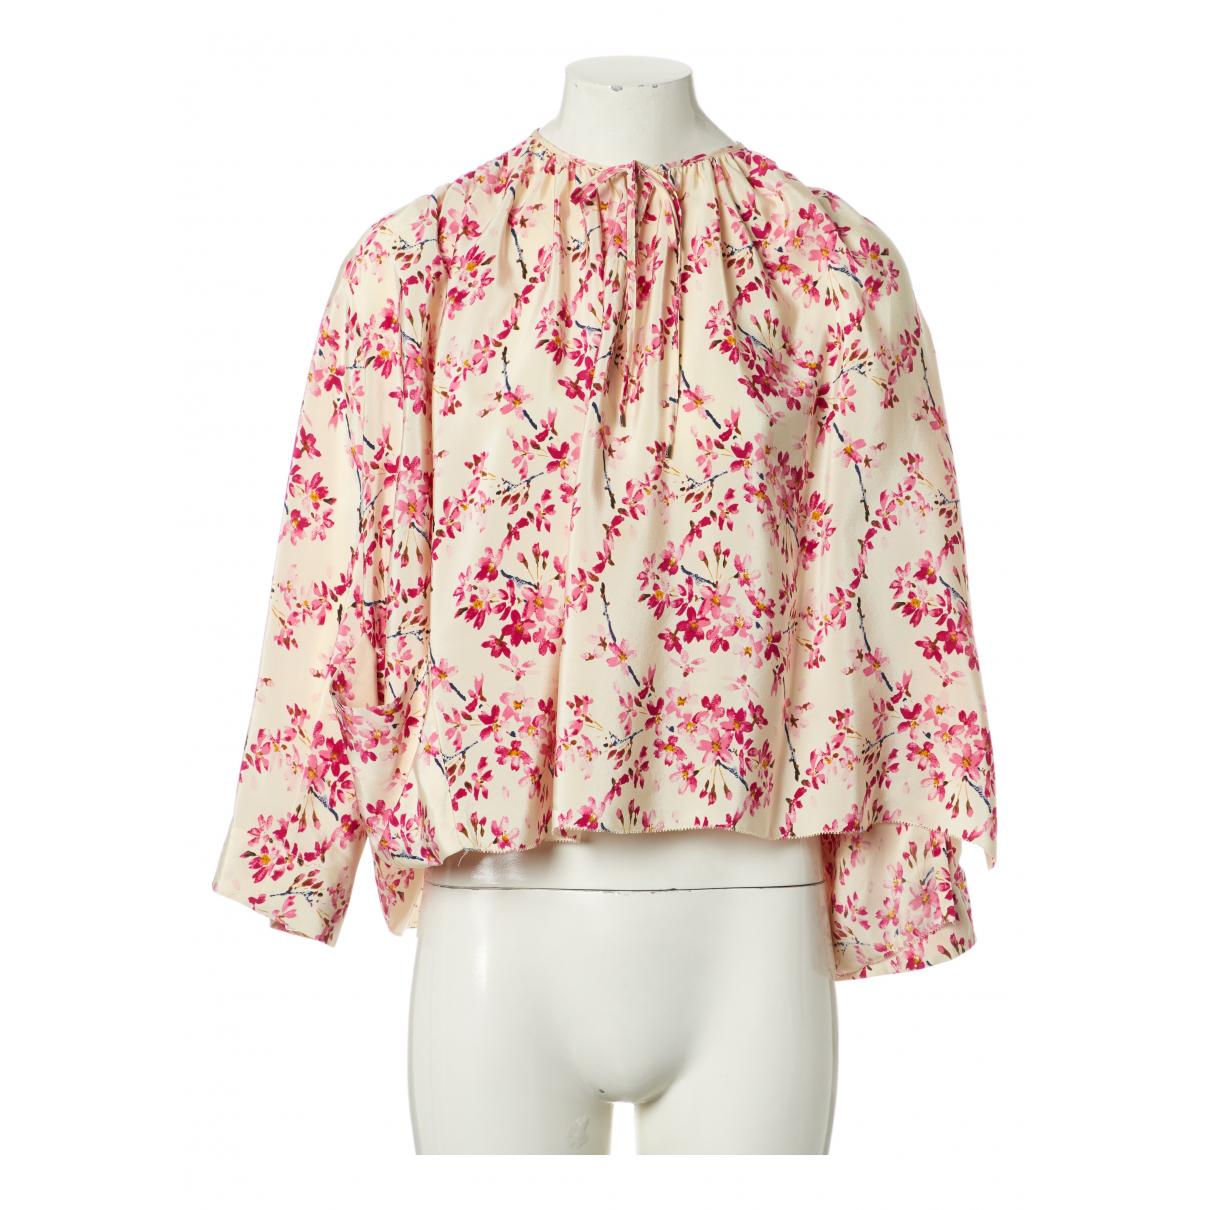 Balenciaga - Top   pour femme en soie - multicolore